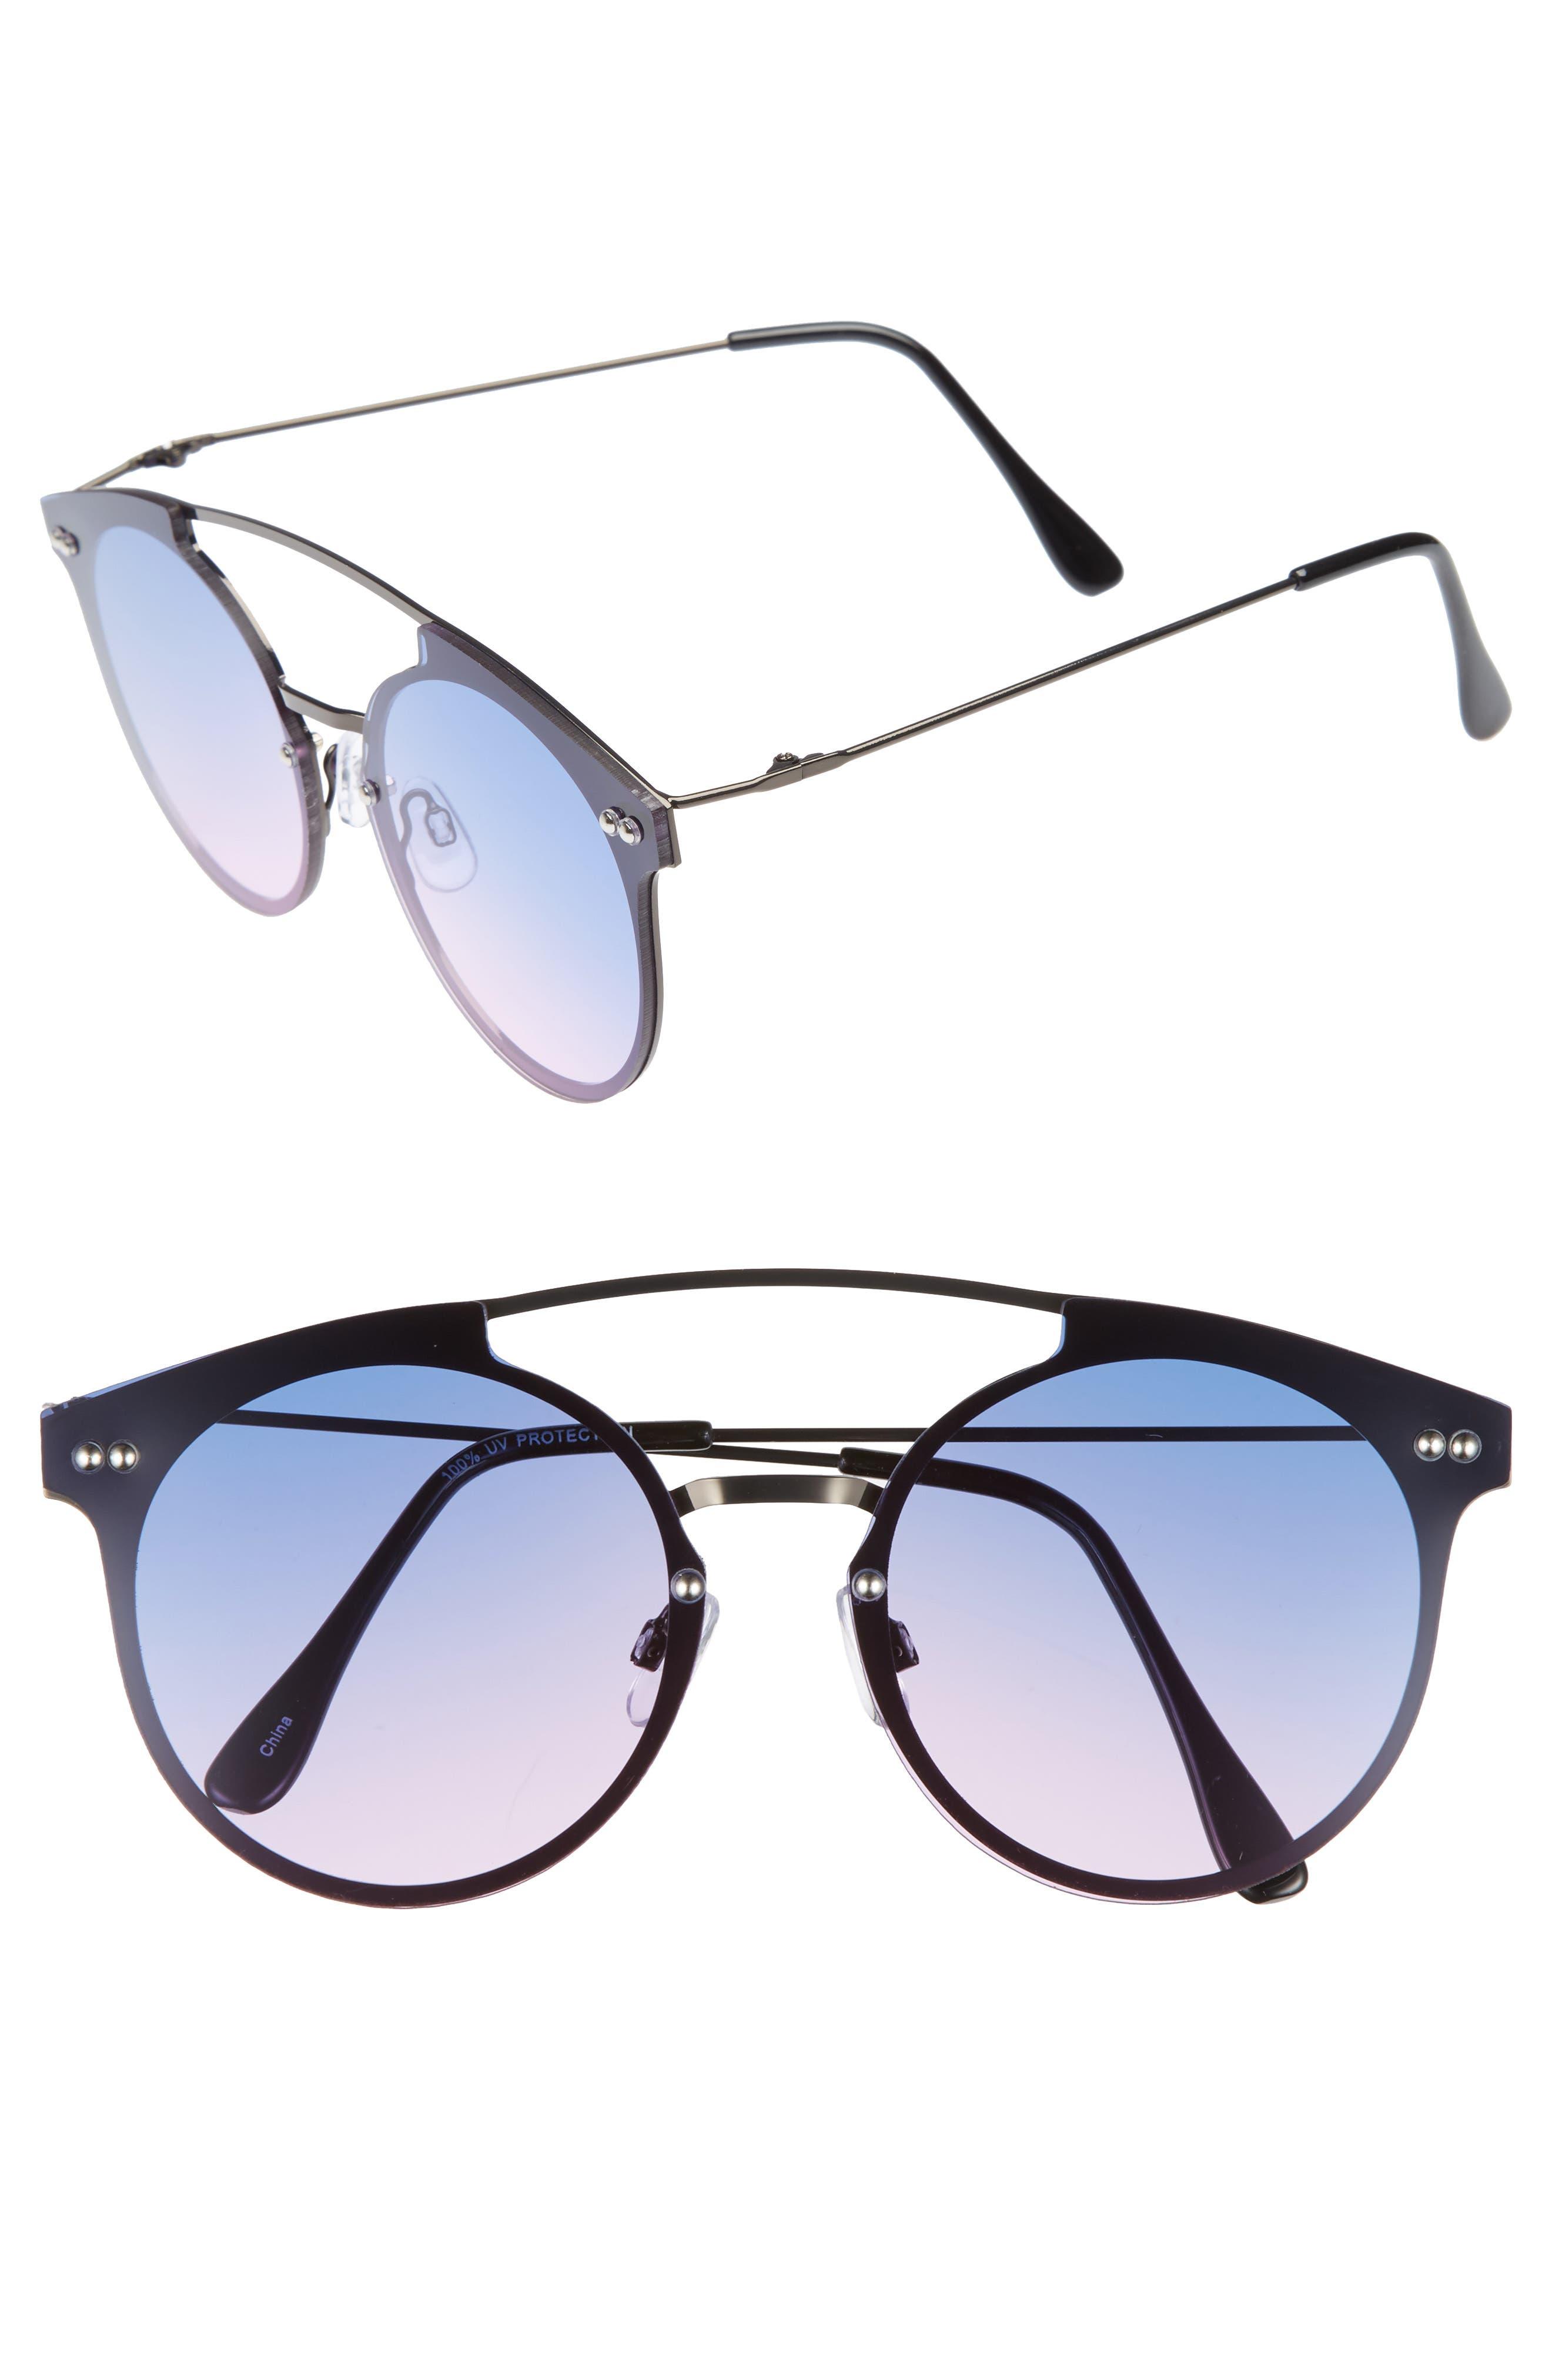 Main Image - BP. 50mm Aviator Sunglasses